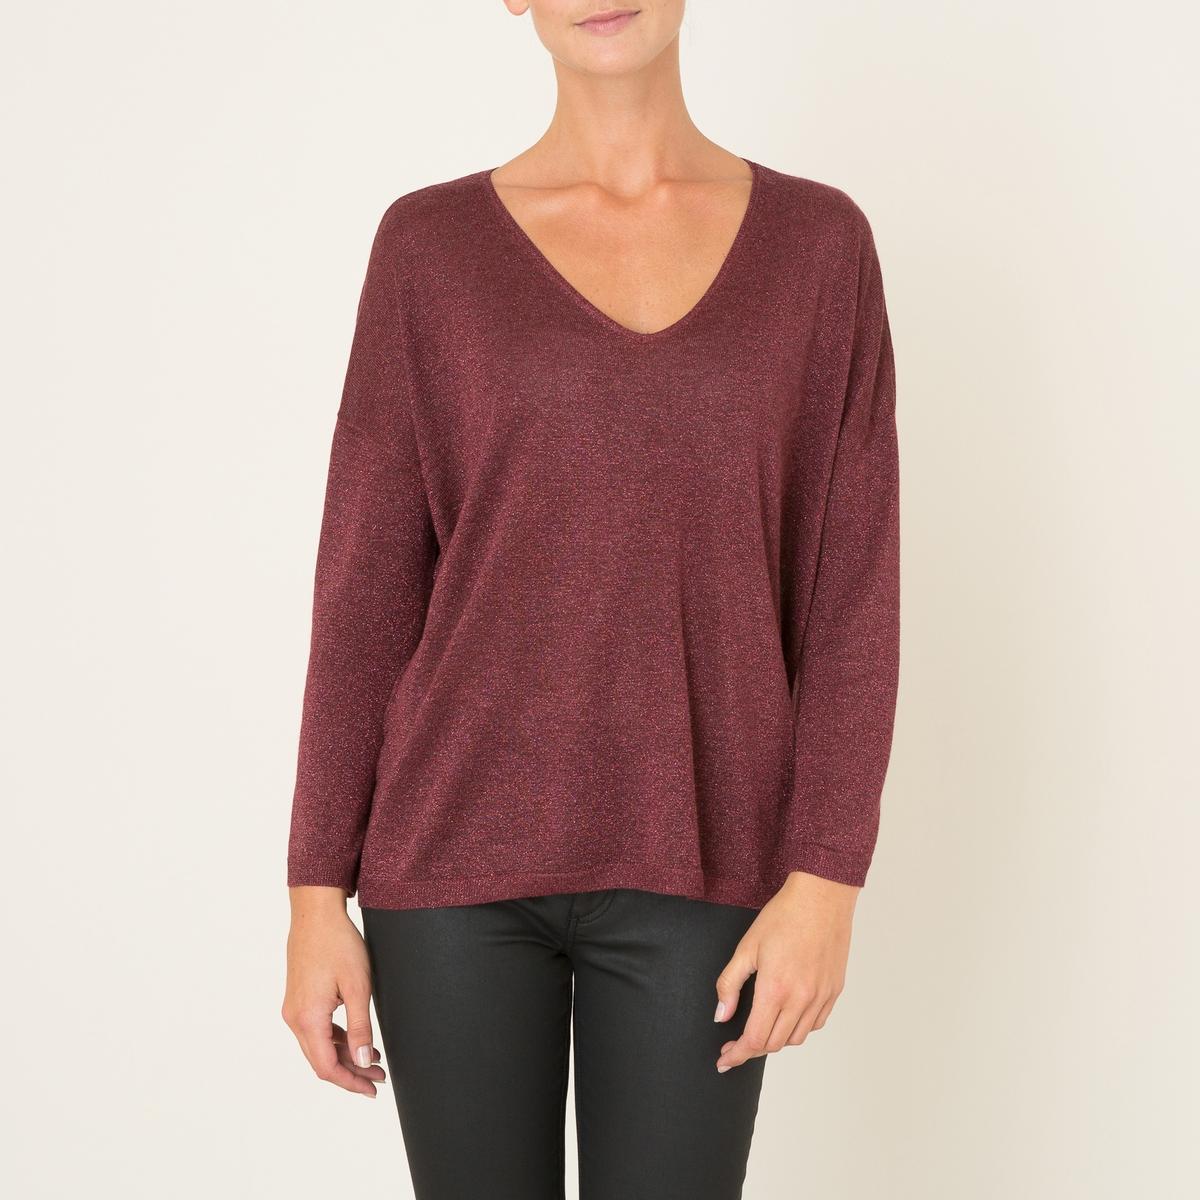 Пуловер женский ALAISСостав и описание Материал : 75% вискозы, 17% полиэстера, 8% волокон с металлическим блеском Марка : BERENICE<br><br>Цвет: бордовый,золотистый